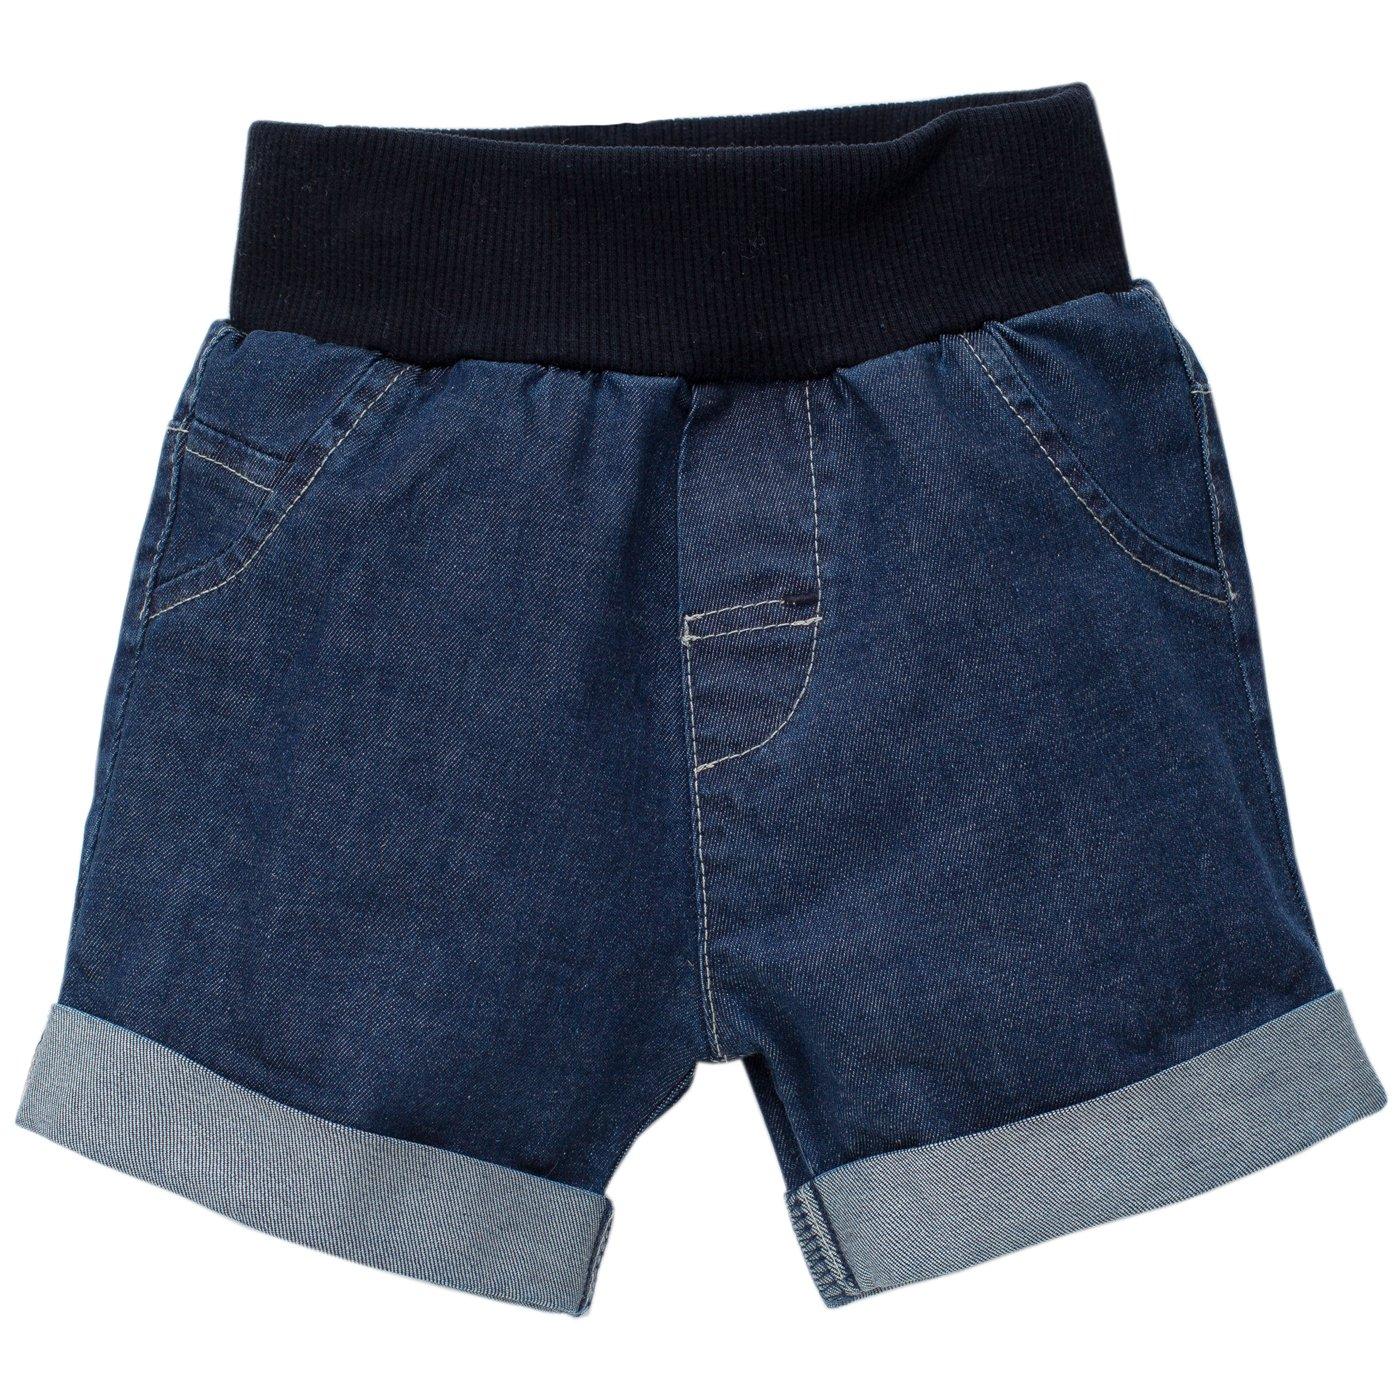 Pinokio - Sea World - Baby kurze Hose, Shorts Baumwolle Jeansoptik, Blau Dunkelblau Ziertasche - Jogginghose, Shorts - elastischer Bund Jungen Mädchen Unisex Jeansshorts